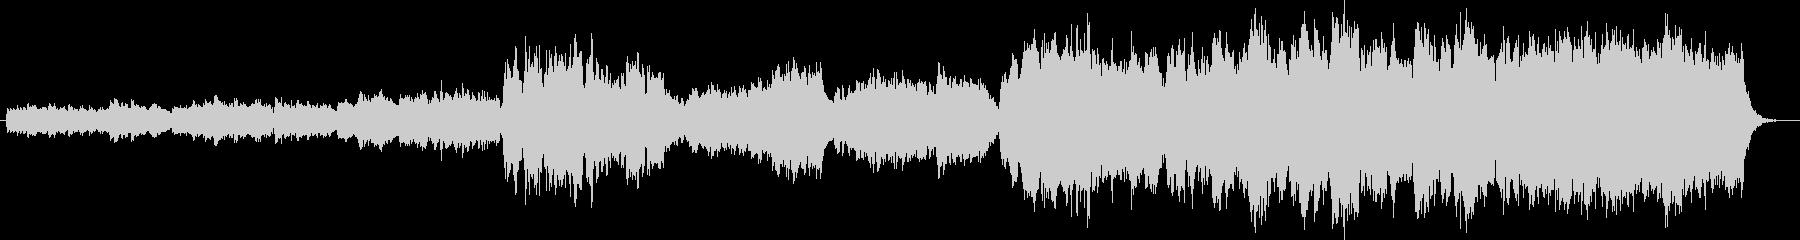 ホラー物のBGMのイメージです。の未再生の波形